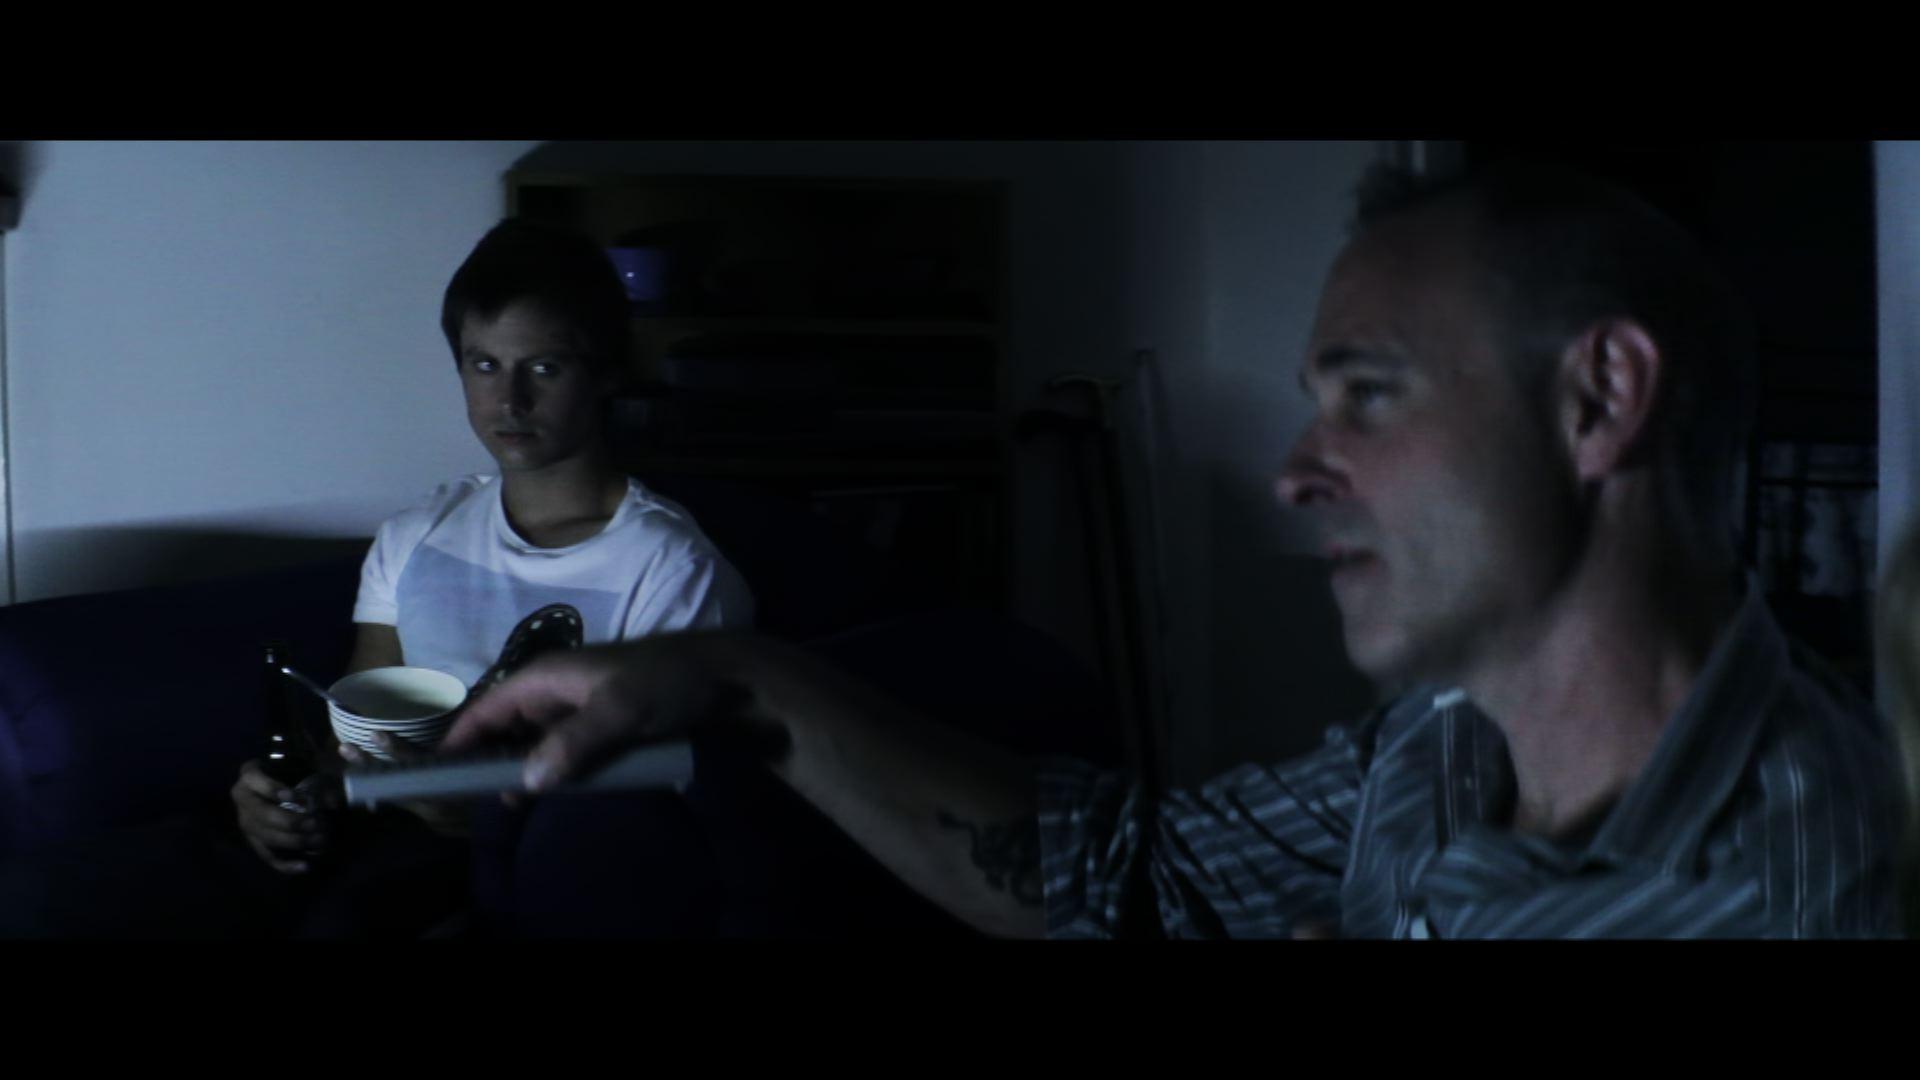 Jared & Gavin